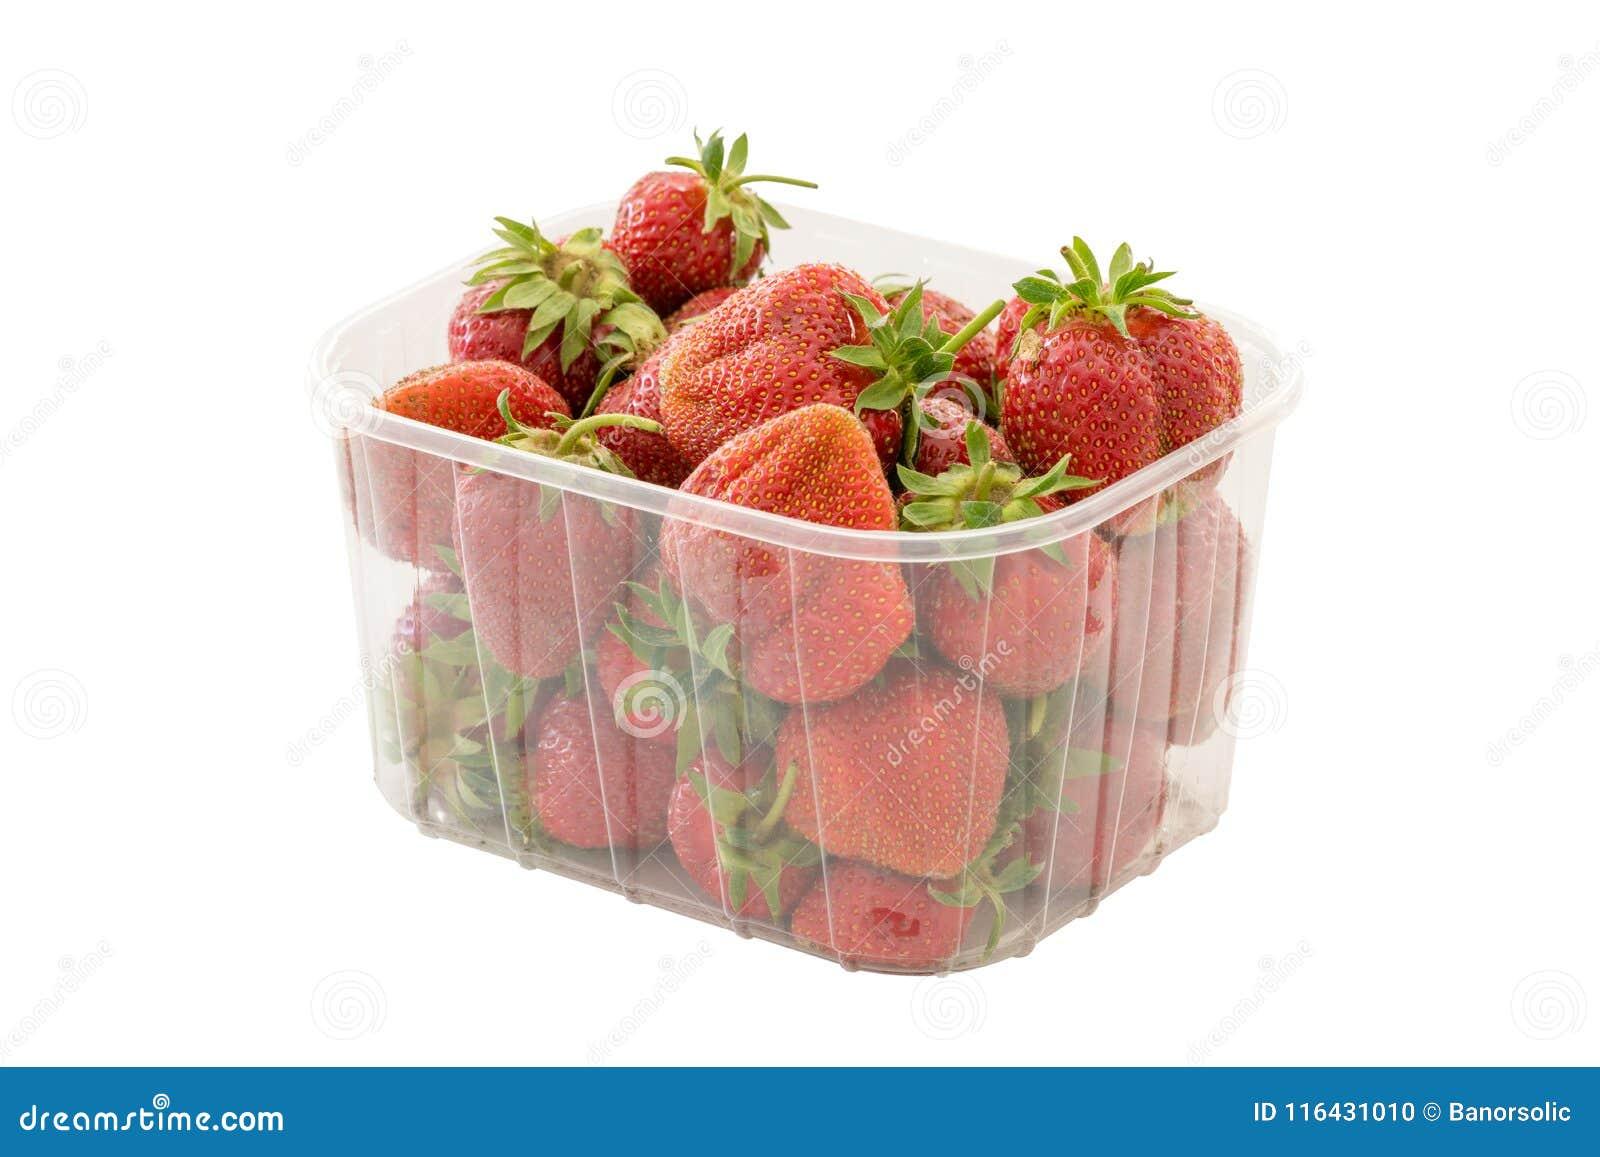 在透明塑料零售包裹的新鲜的成熟有机草莓 查出在与裁减路线的空白背景